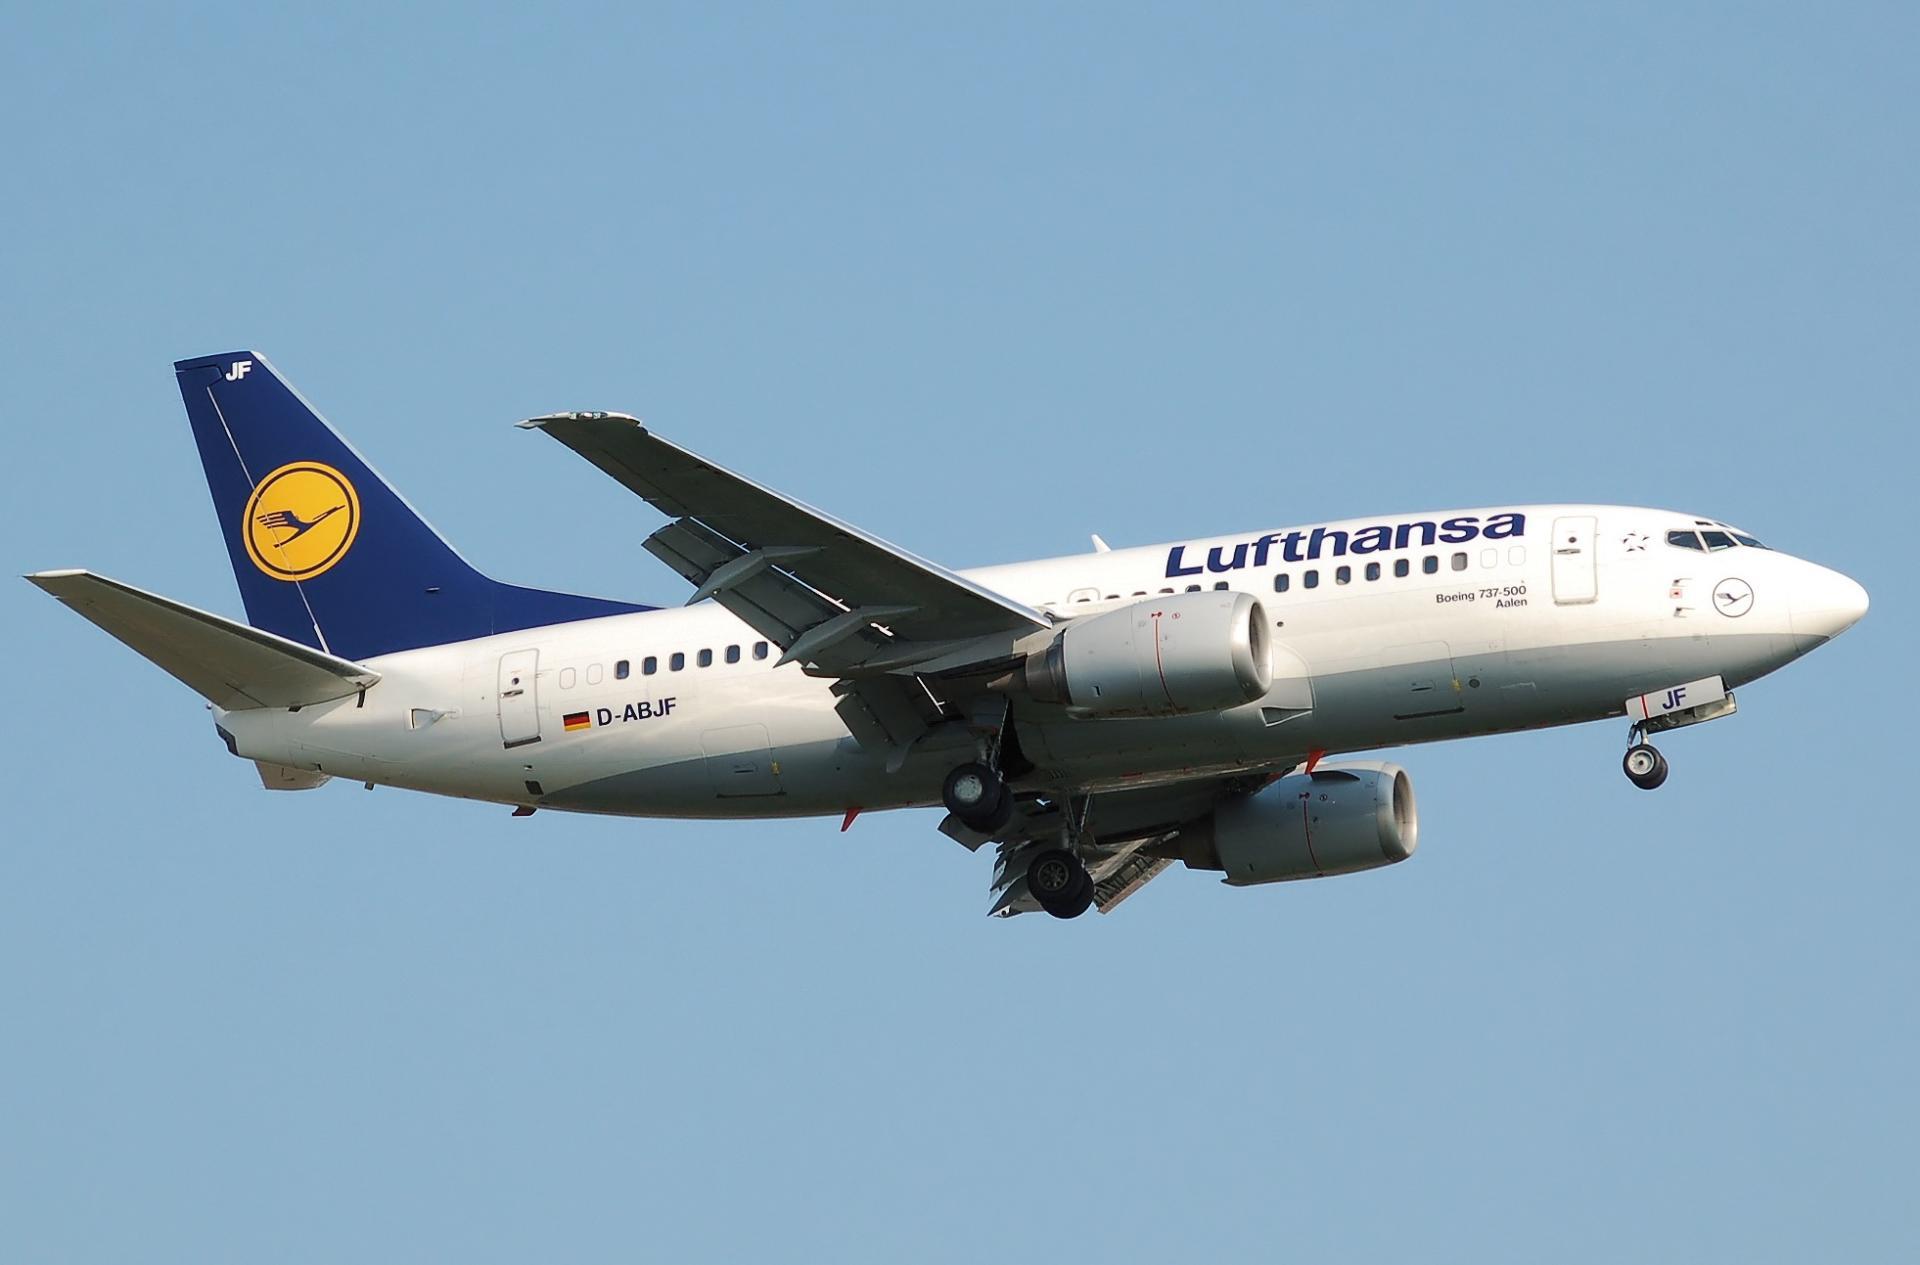 Lufthansa Schriftzug auf einer Ihrer Flugzeuge